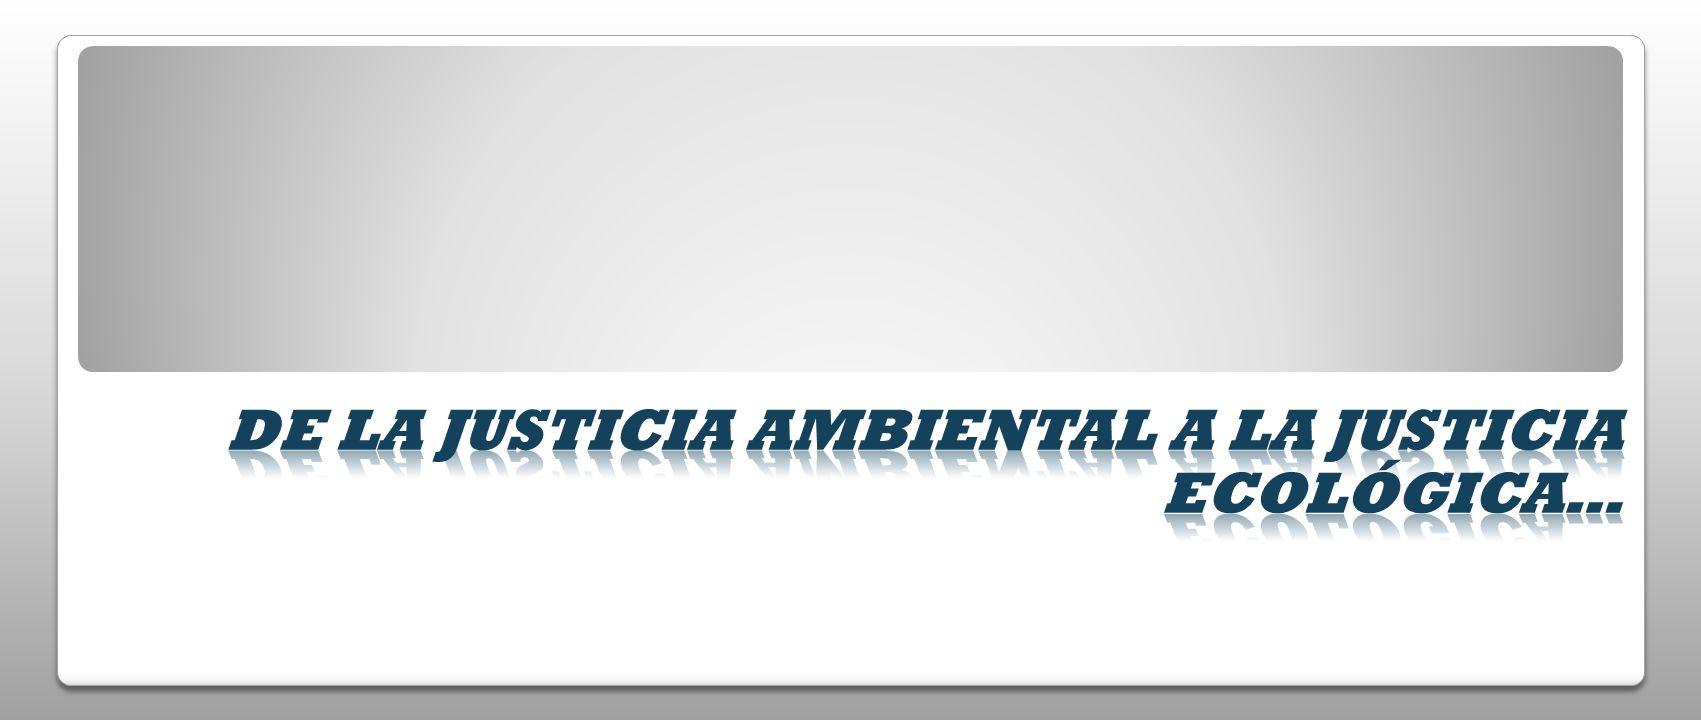 De la justicia ambiental a la justicia ecológica…